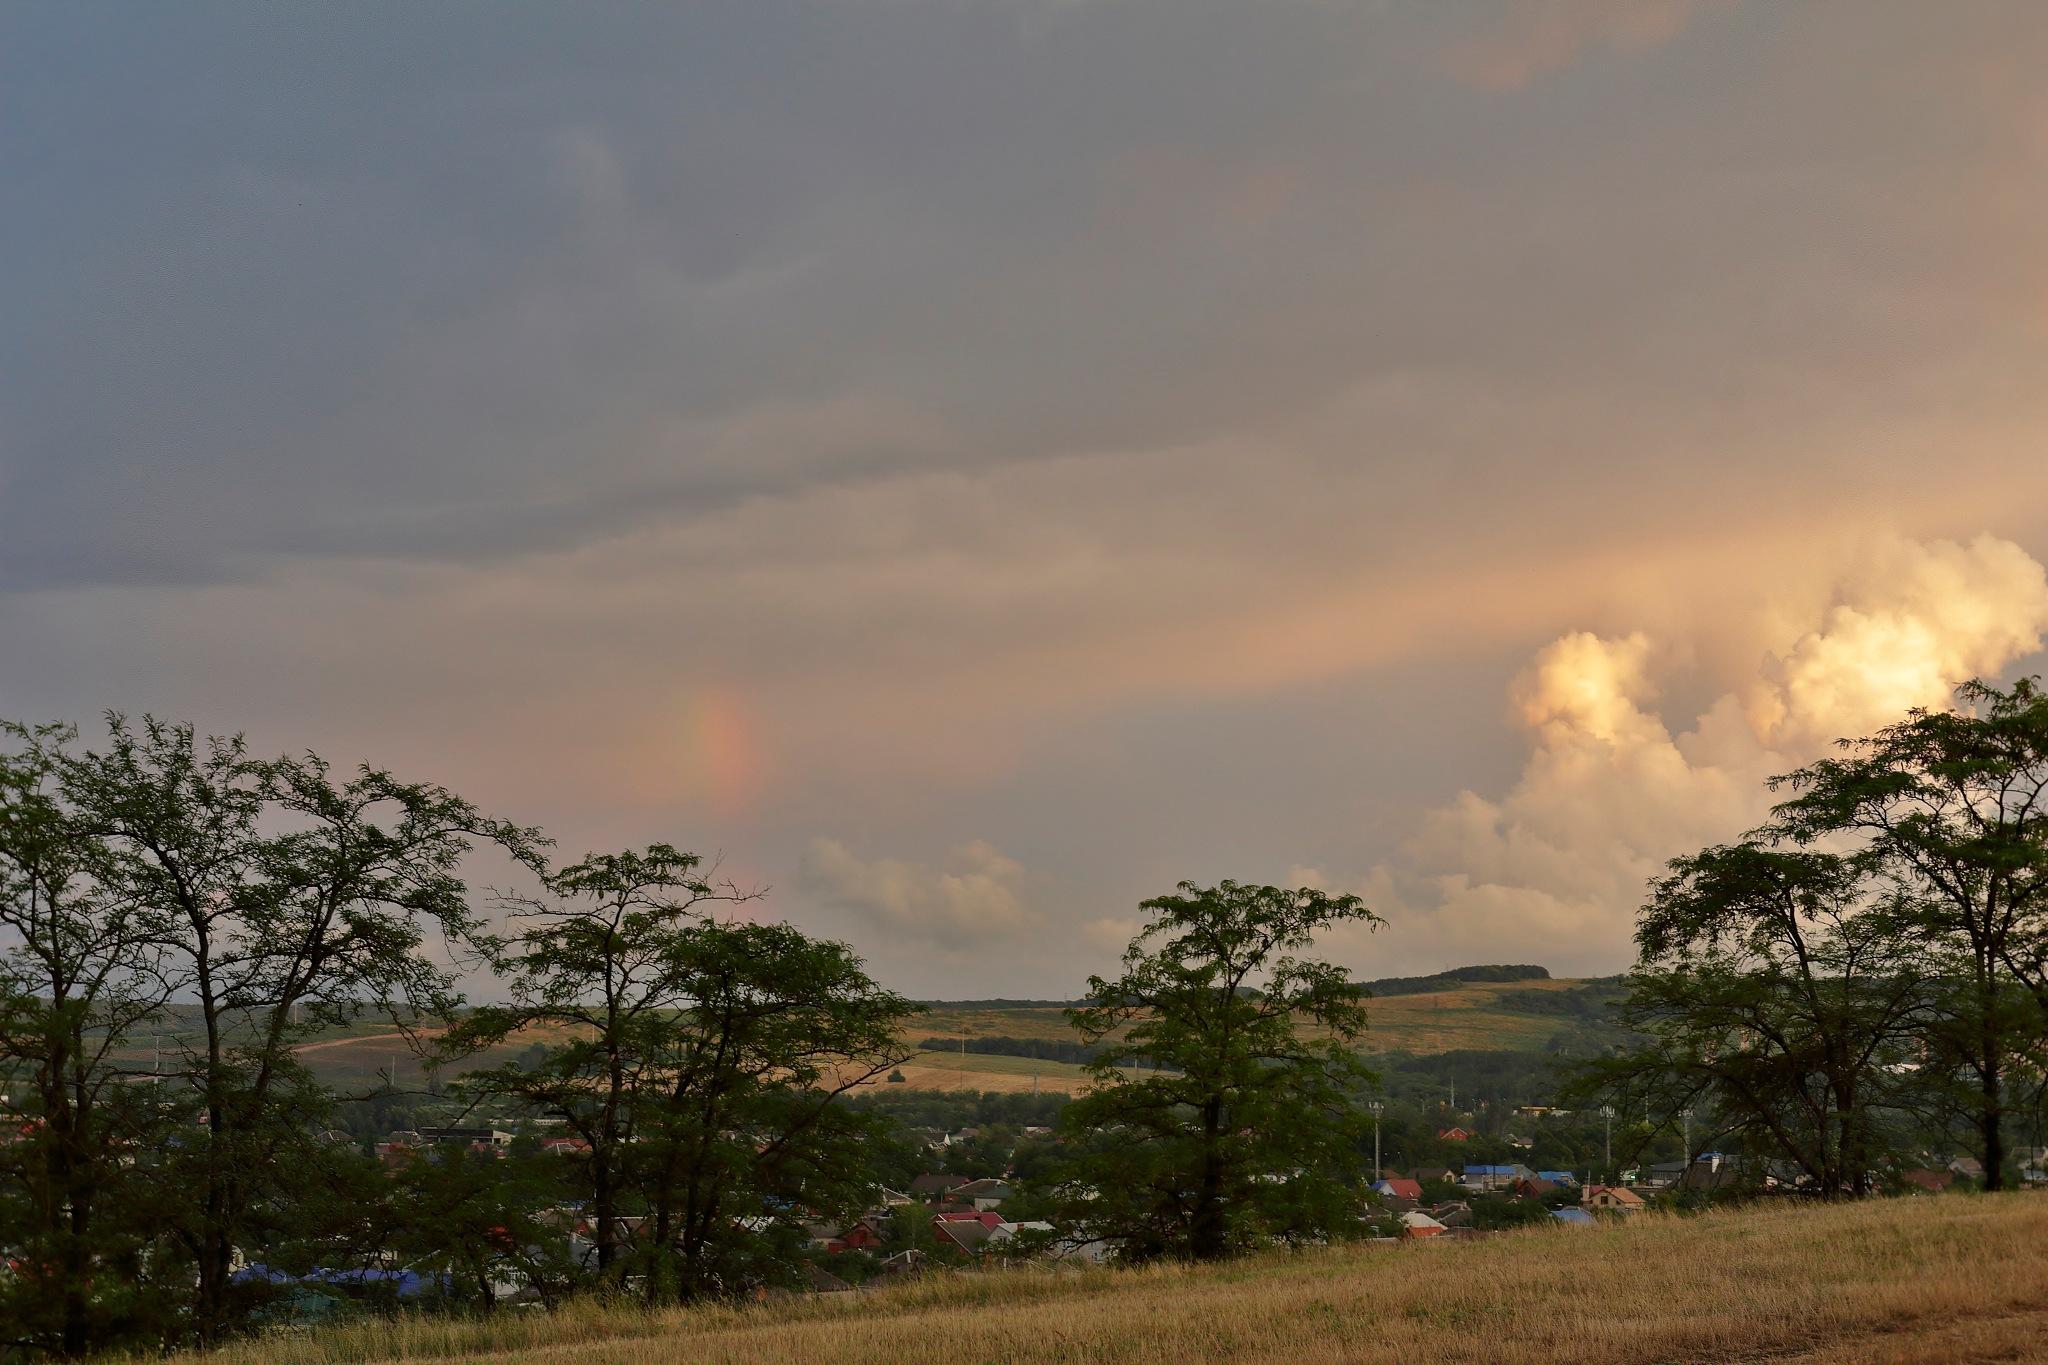 Thunderstorm is coming by Konstantin Kovalevsky